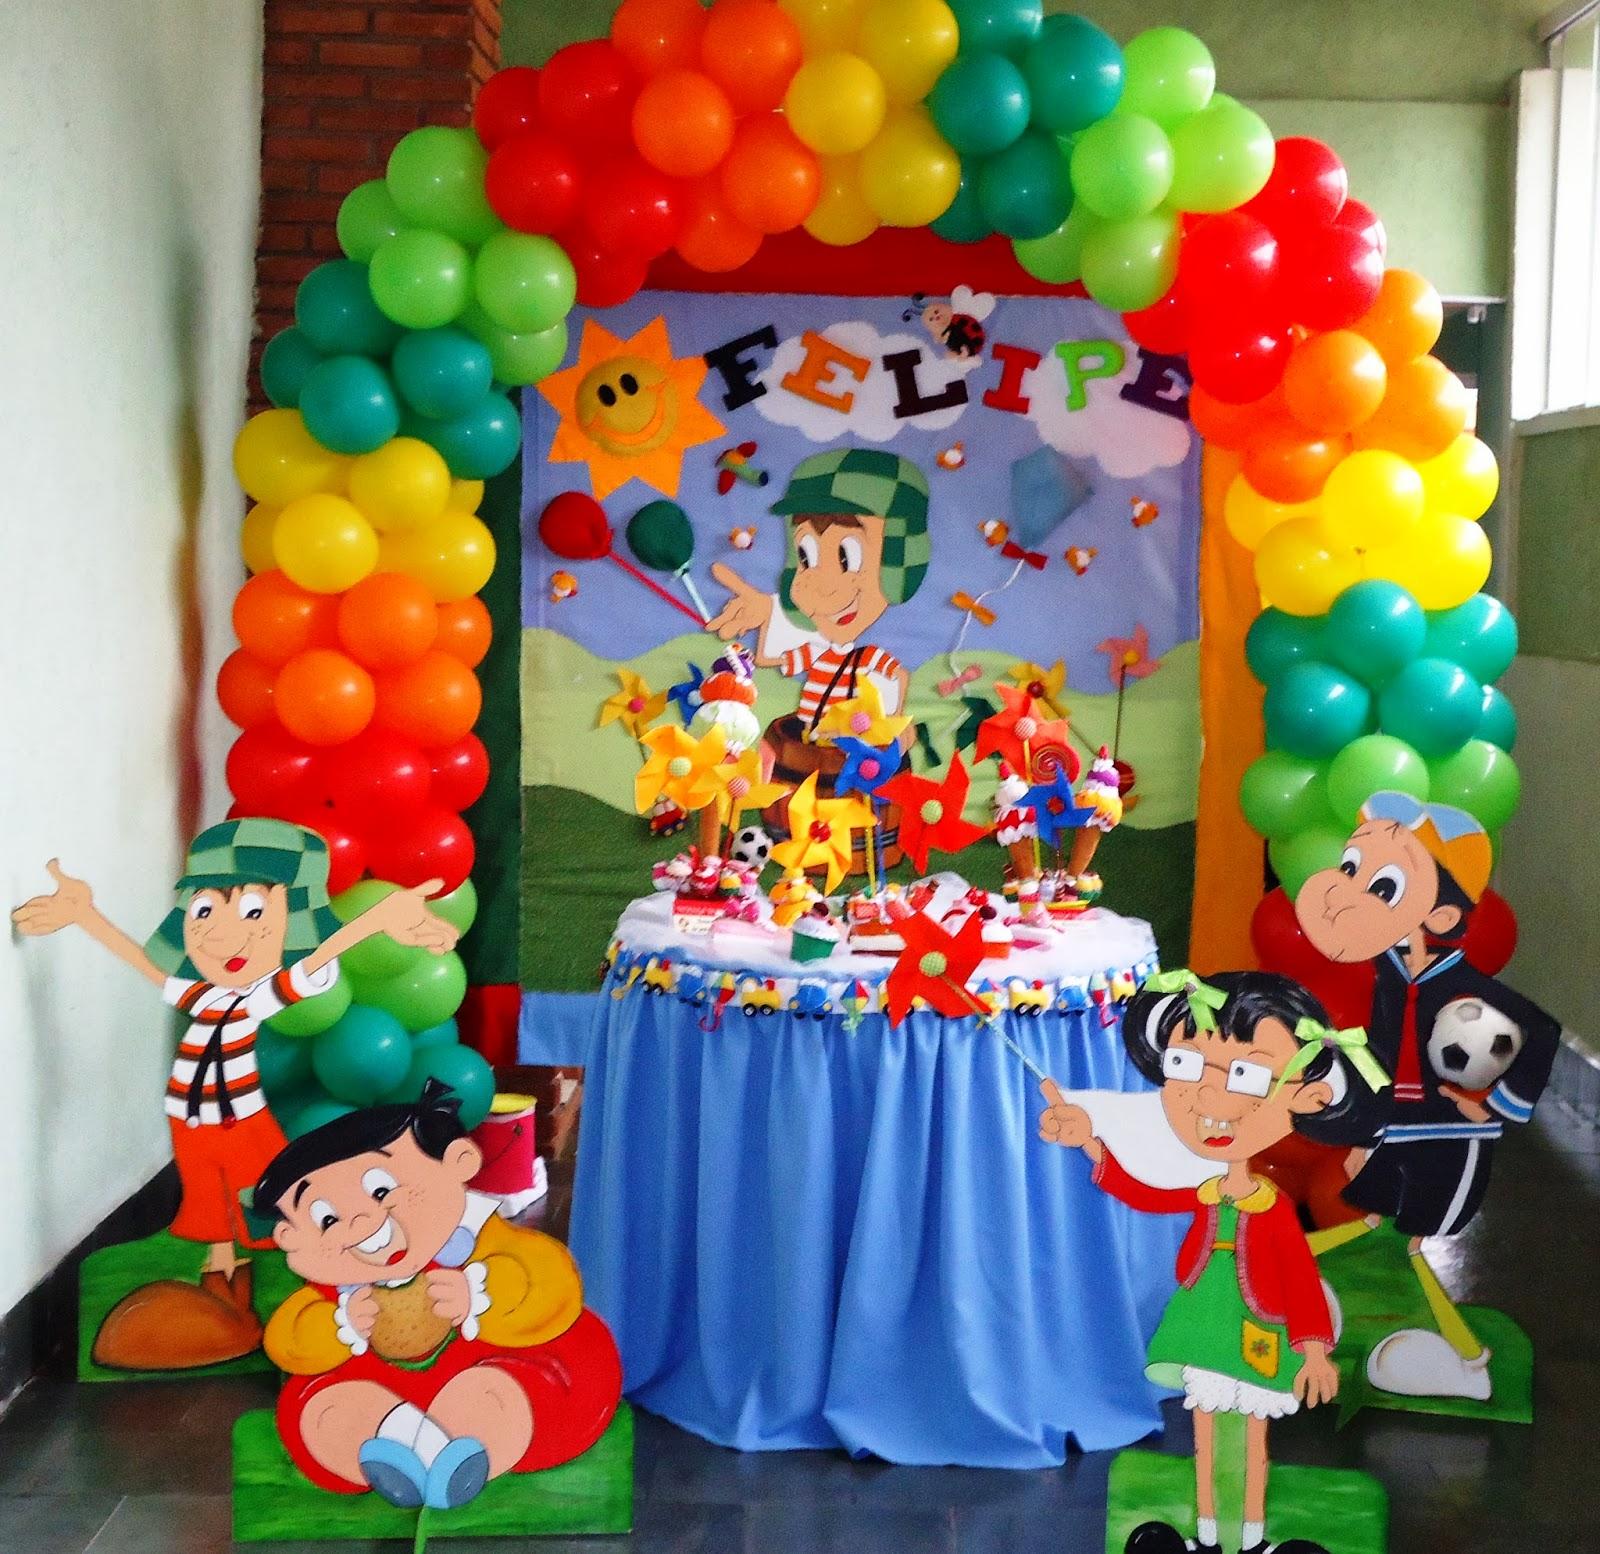 #C51806 Festa Marinheiro Decoração Festa Infantil tema Marinheiro HD  1600x1554 px Decoração De Cozinha Simples_130 Imagens